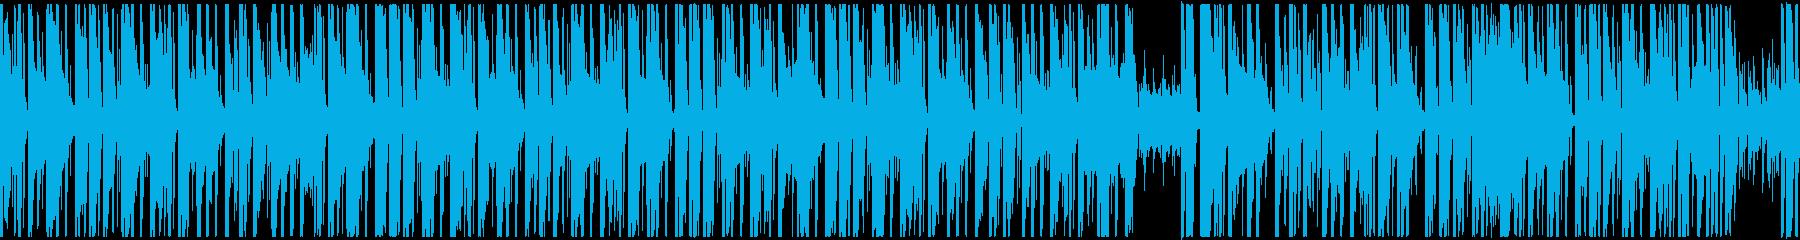 【ループ】怪しい雰囲気のTrapトラックの再生済みの波形